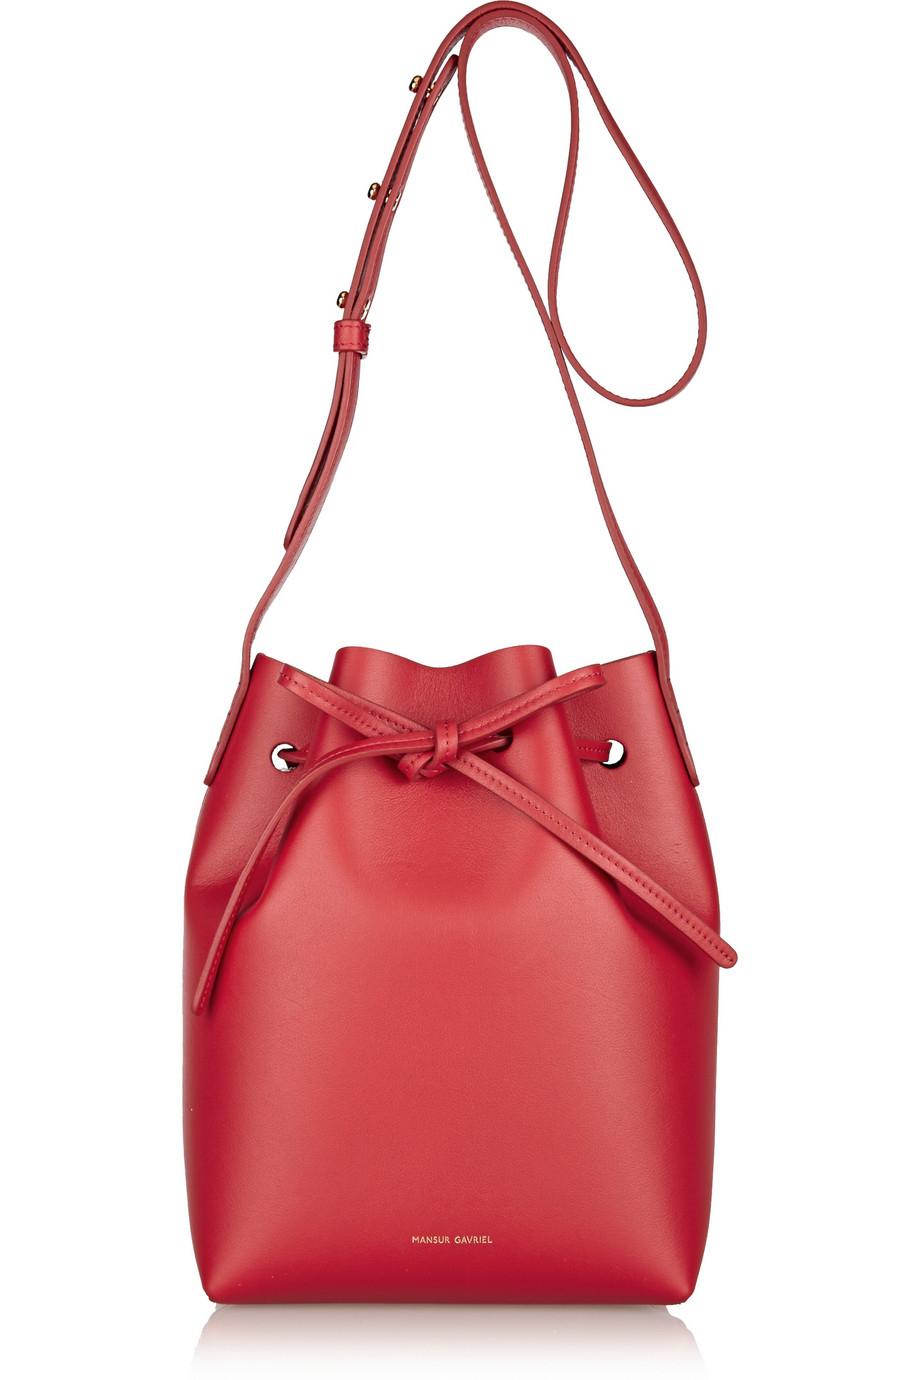 mansur gavriel mini leather bucket bag in red lyst. Black Bedroom Furniture Sets. Home Design Ideas